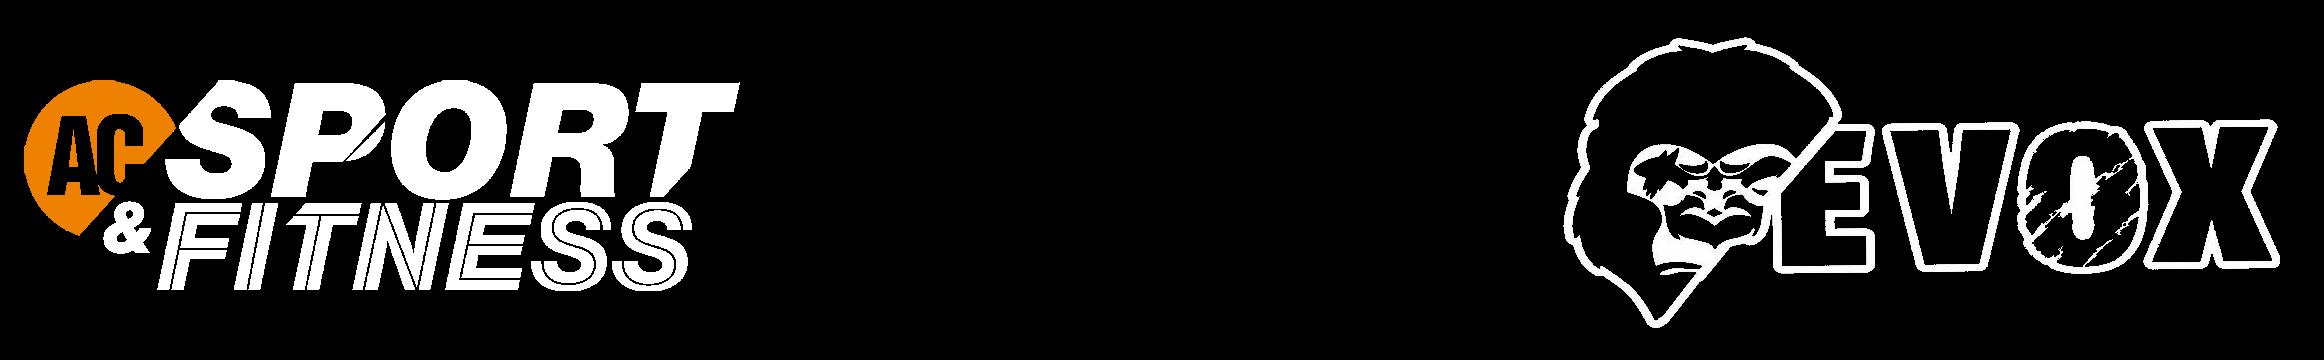 acsportmx